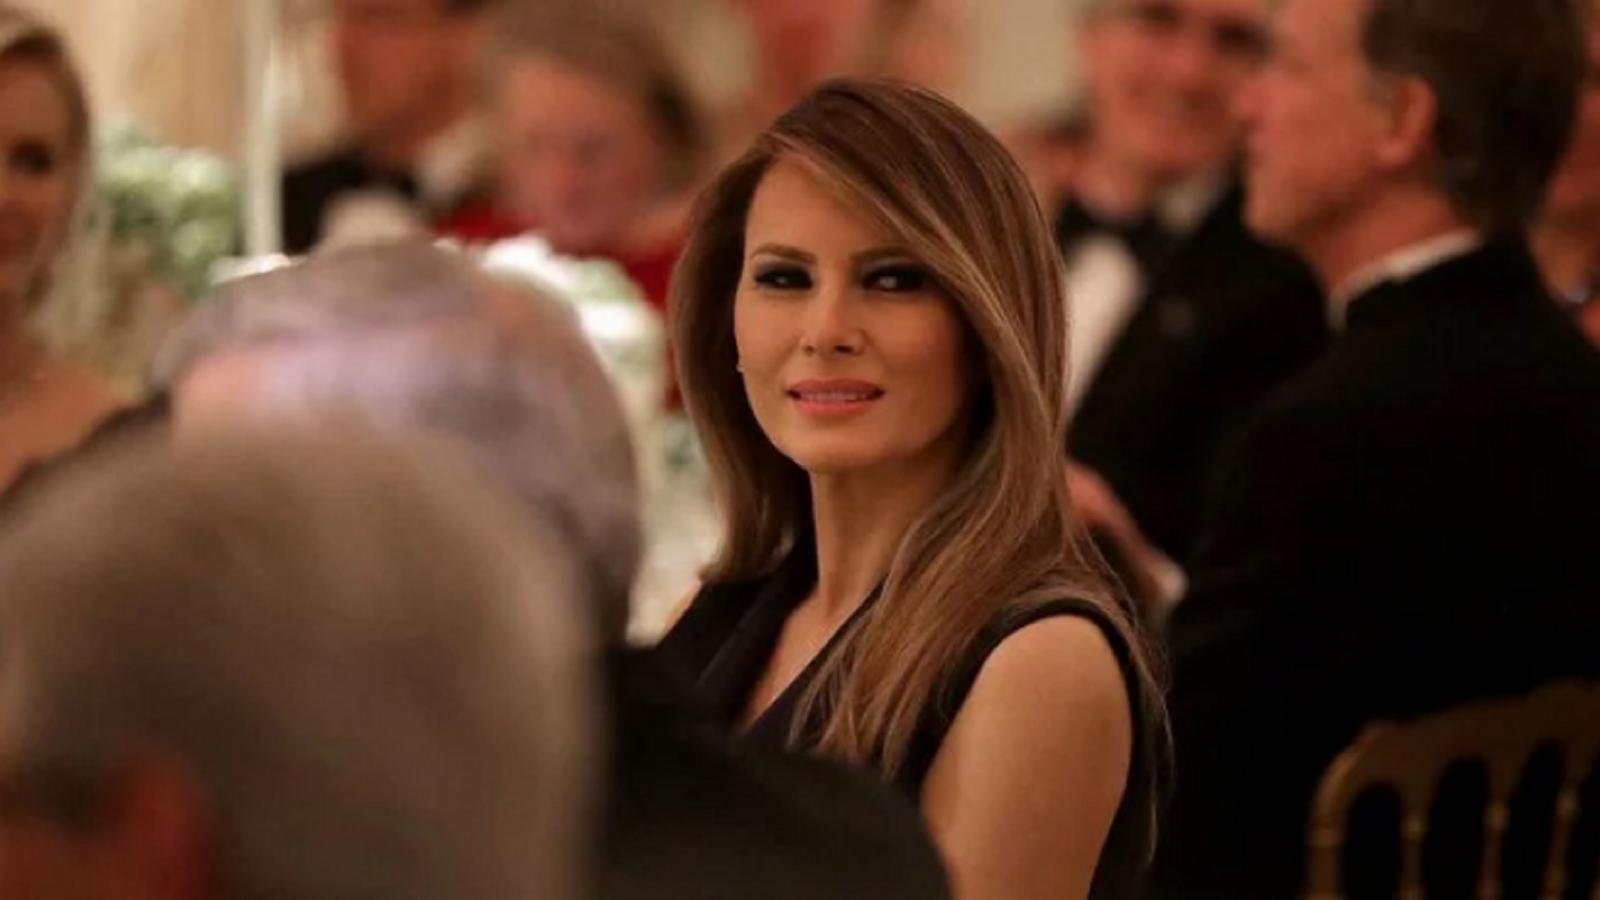 Μελάνια Τραμπ: Αυτές είναι οι γυμνές φωτογραφίες της πριν γίνει Πρώτη Κυρία των ΗΠΑ! (ΦΩΤΟ)